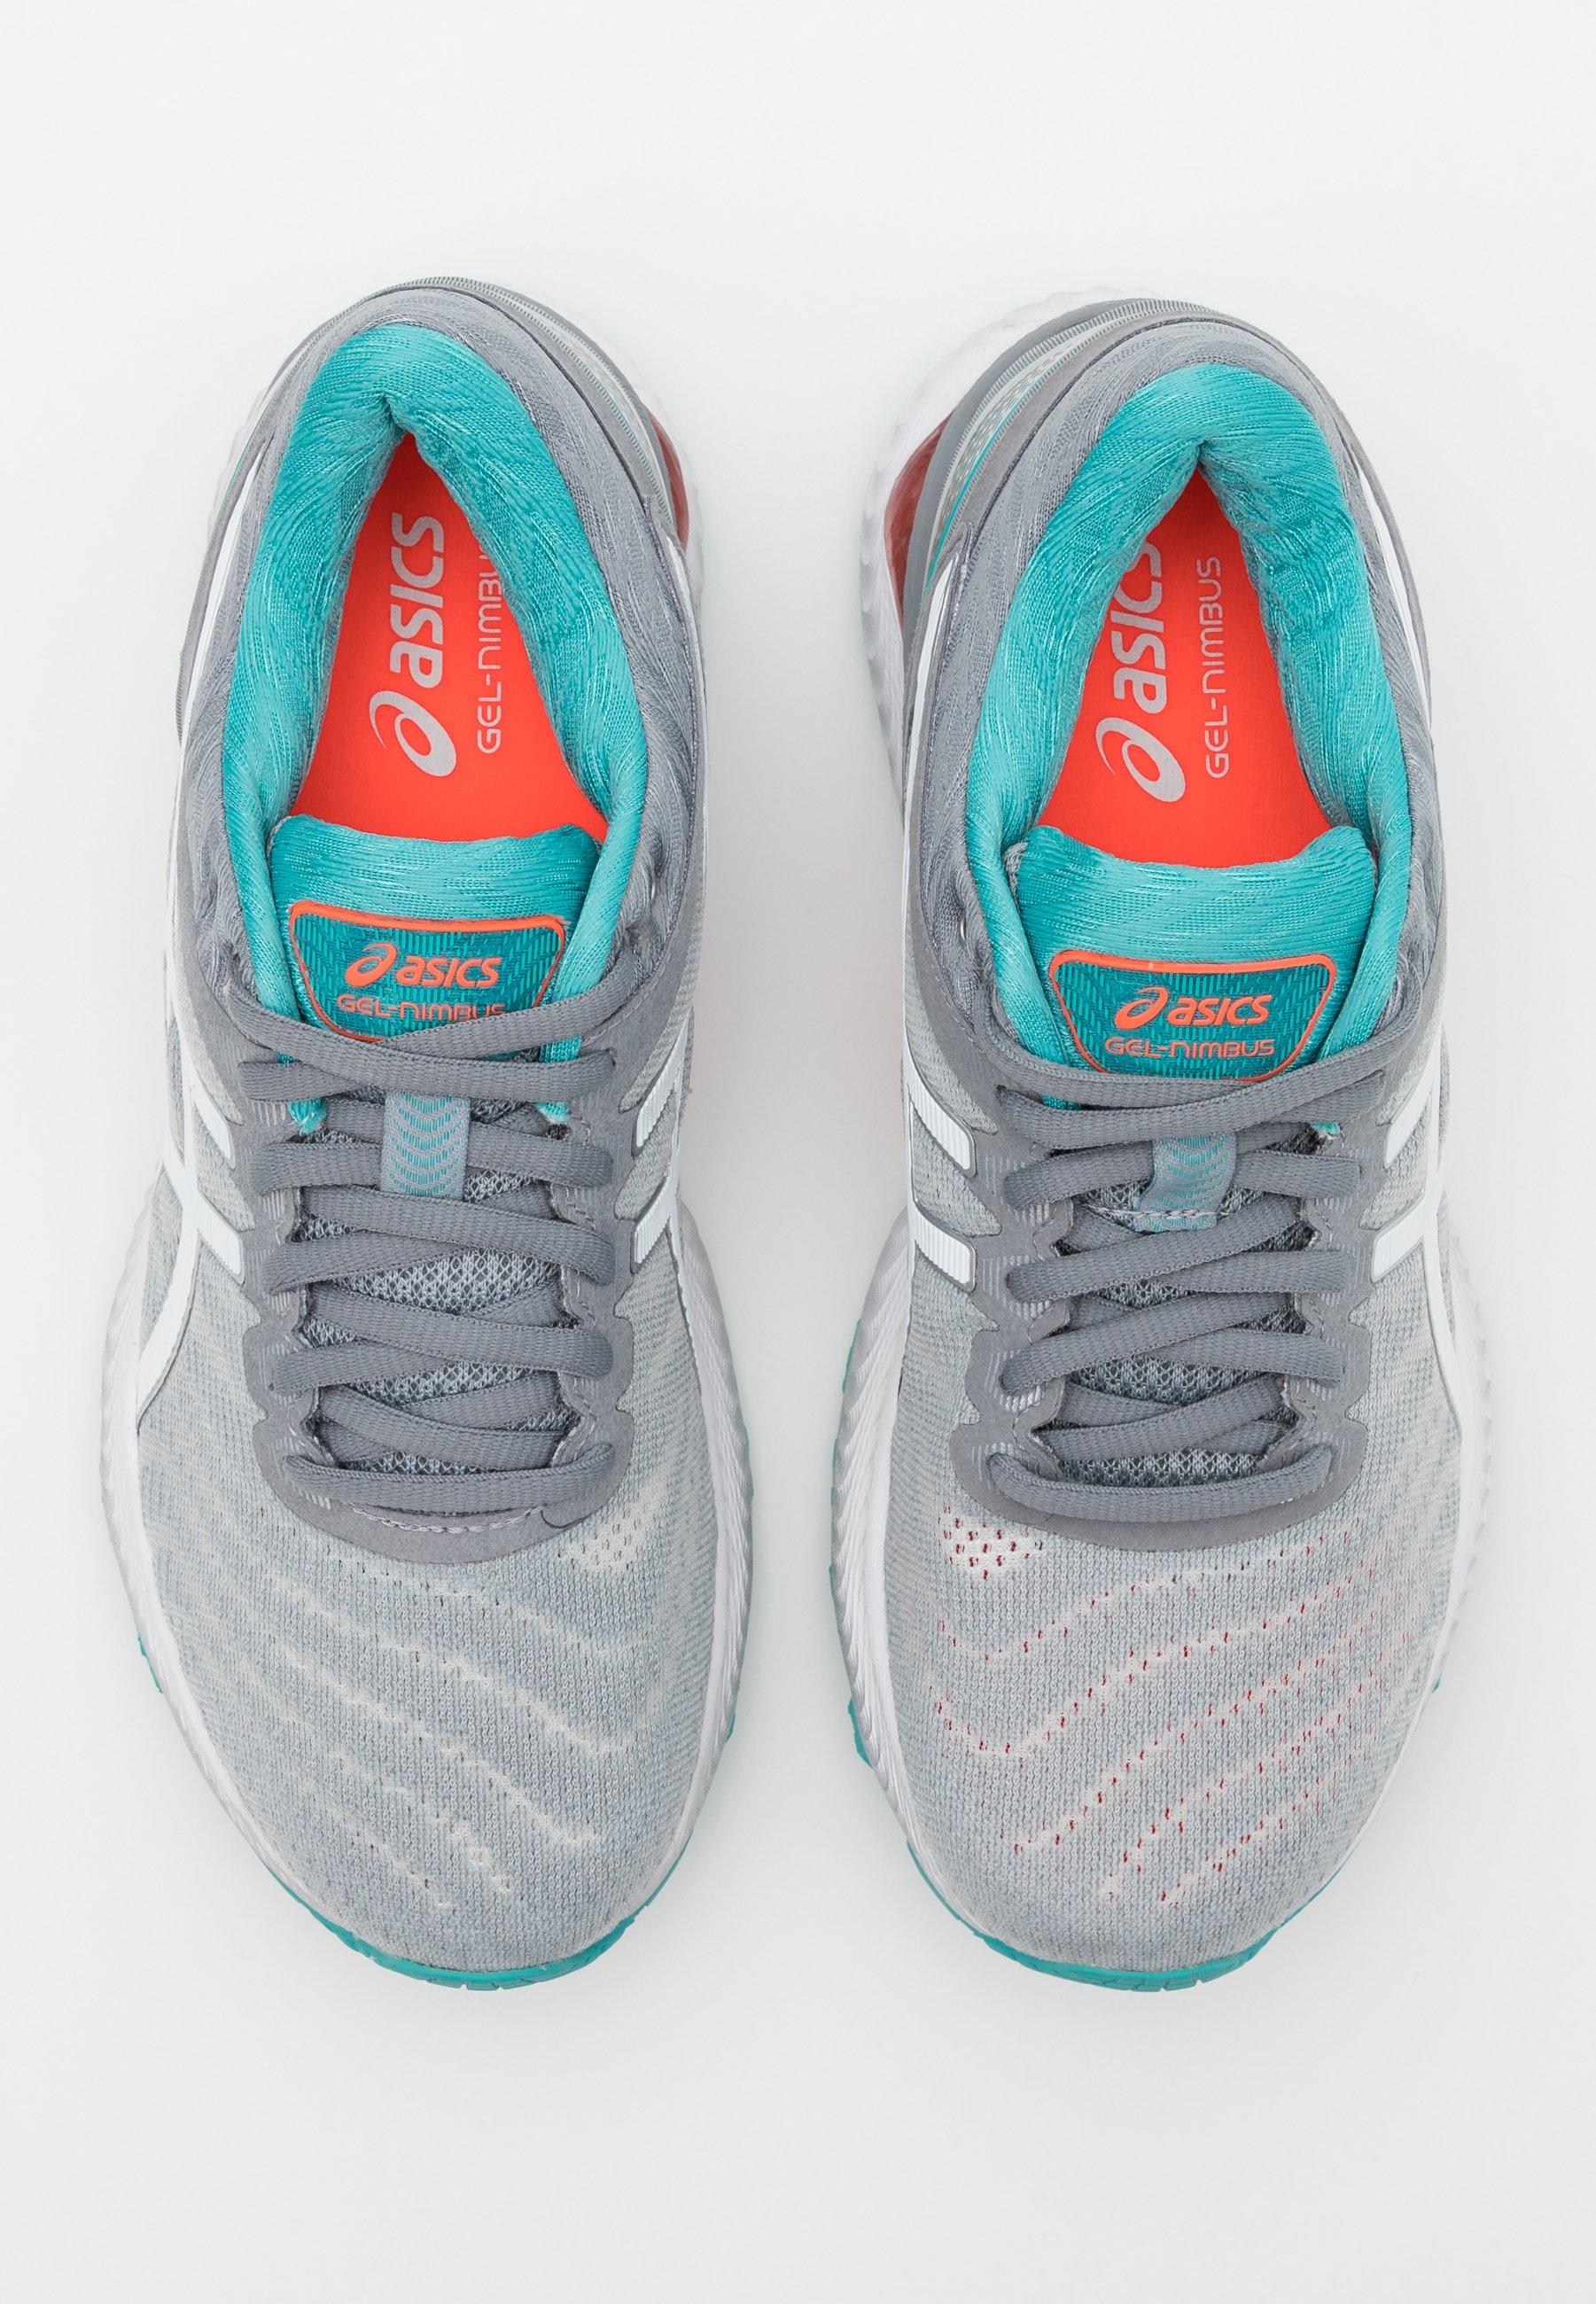 GEL NIMBUS 22 Chaussures de running neutres sheet rockwhite